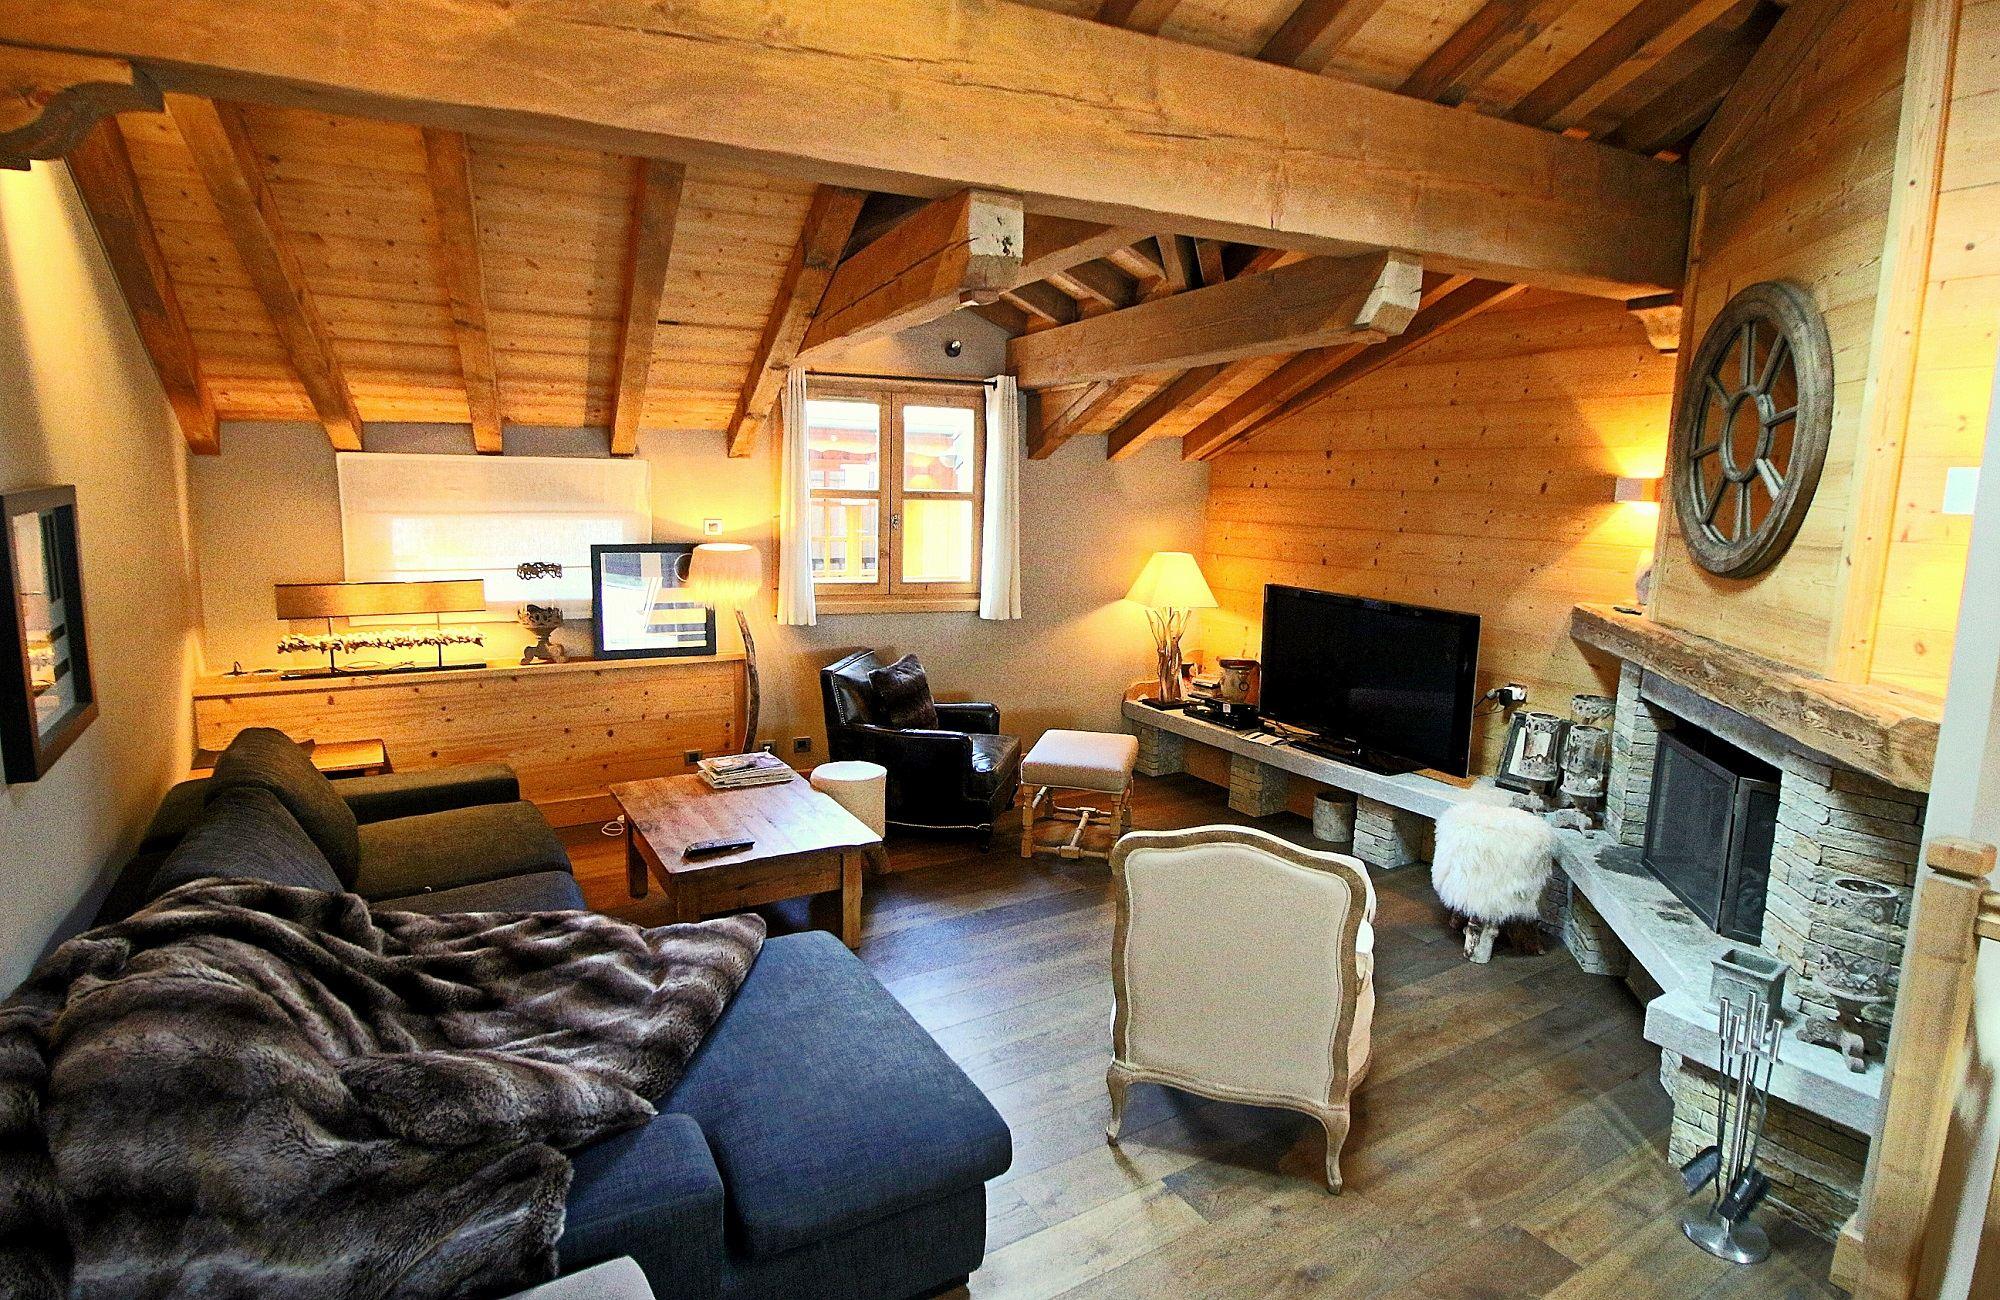 Townhouse for Sale at Village house Chalet Le Praz Courchevel Courchevel, Rhone-Alpes, 73120 France